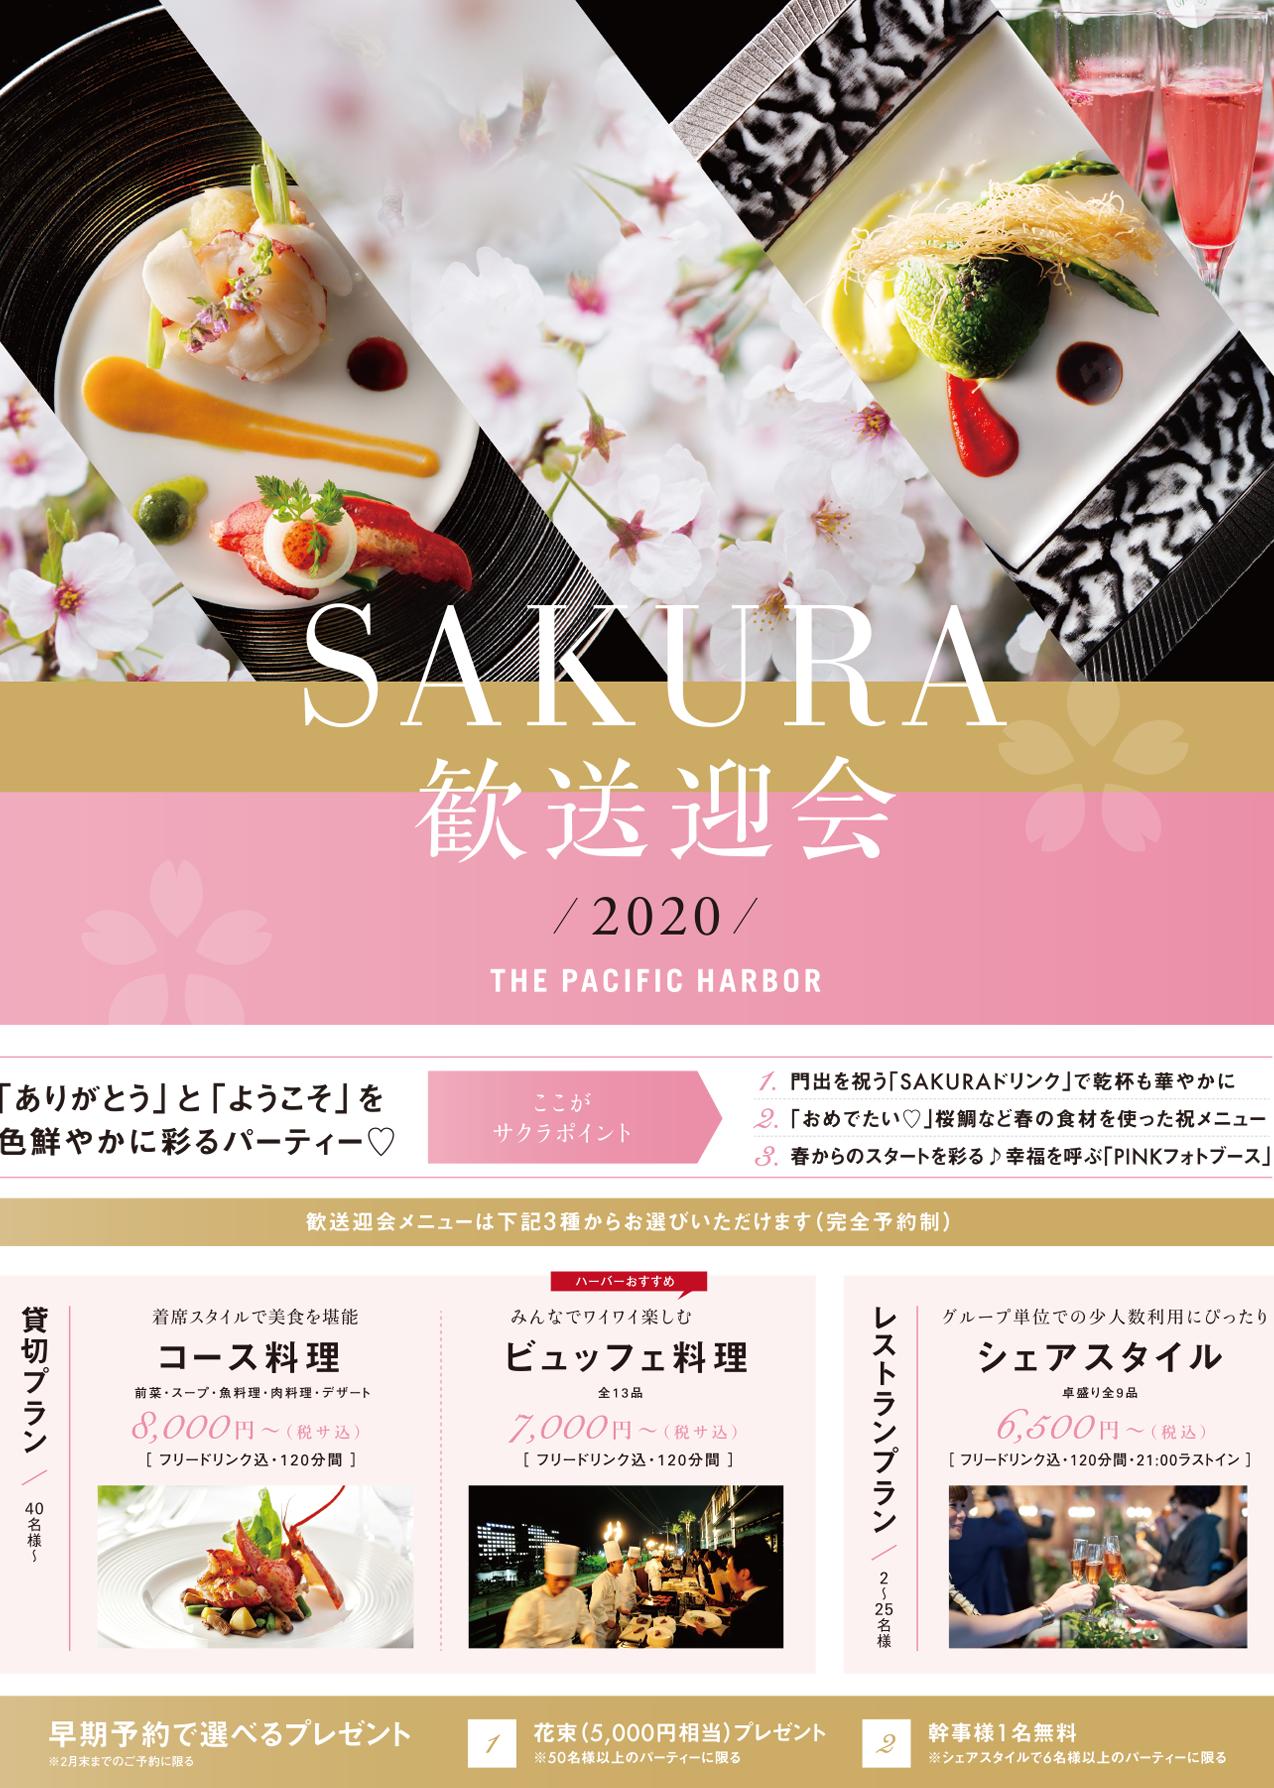 SAKURA歓送迎会プラン